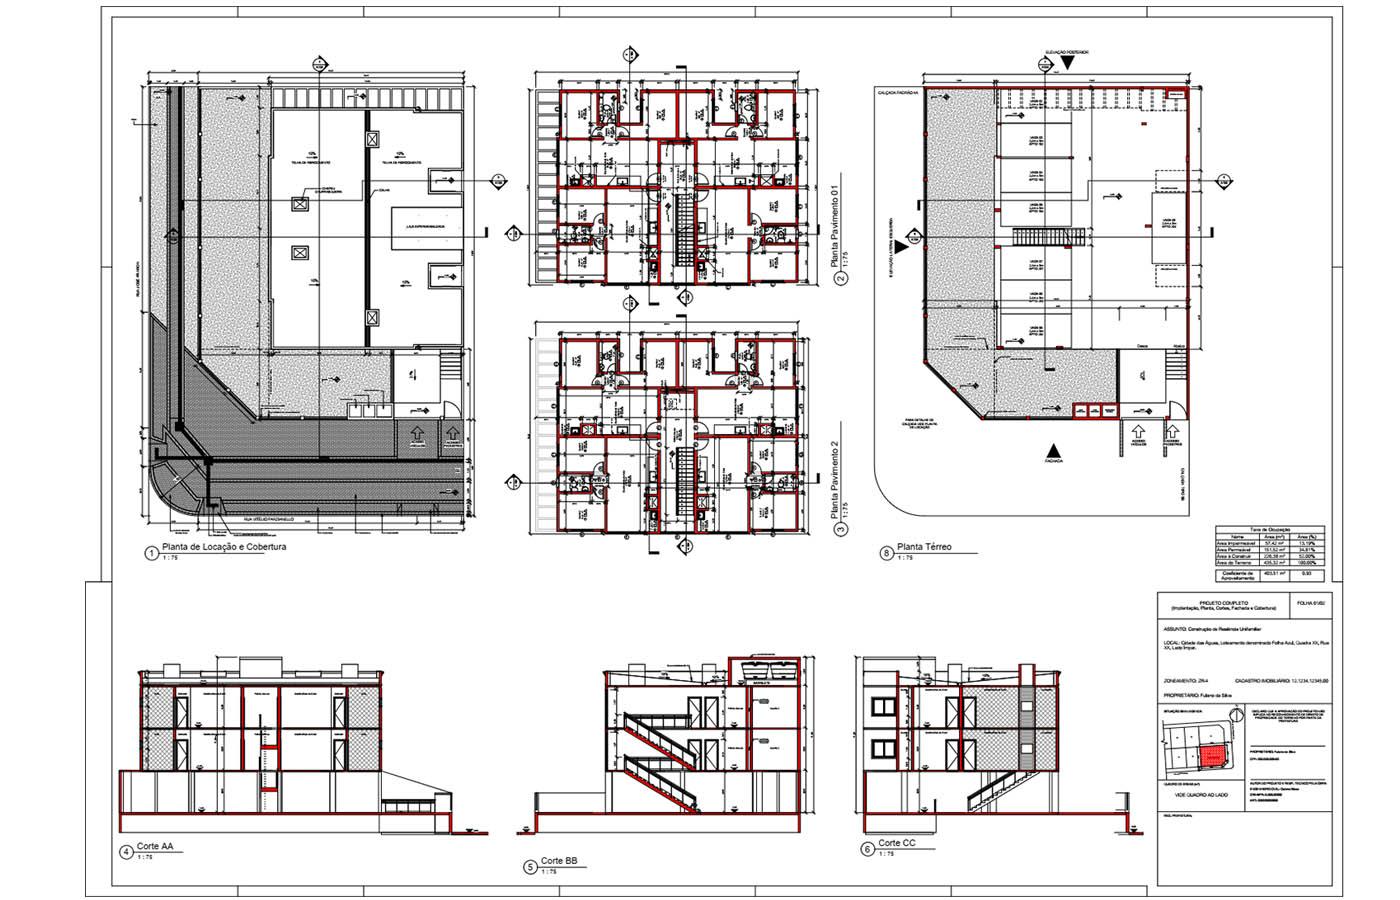 Planta baixa do curso online de revit para arquitetura